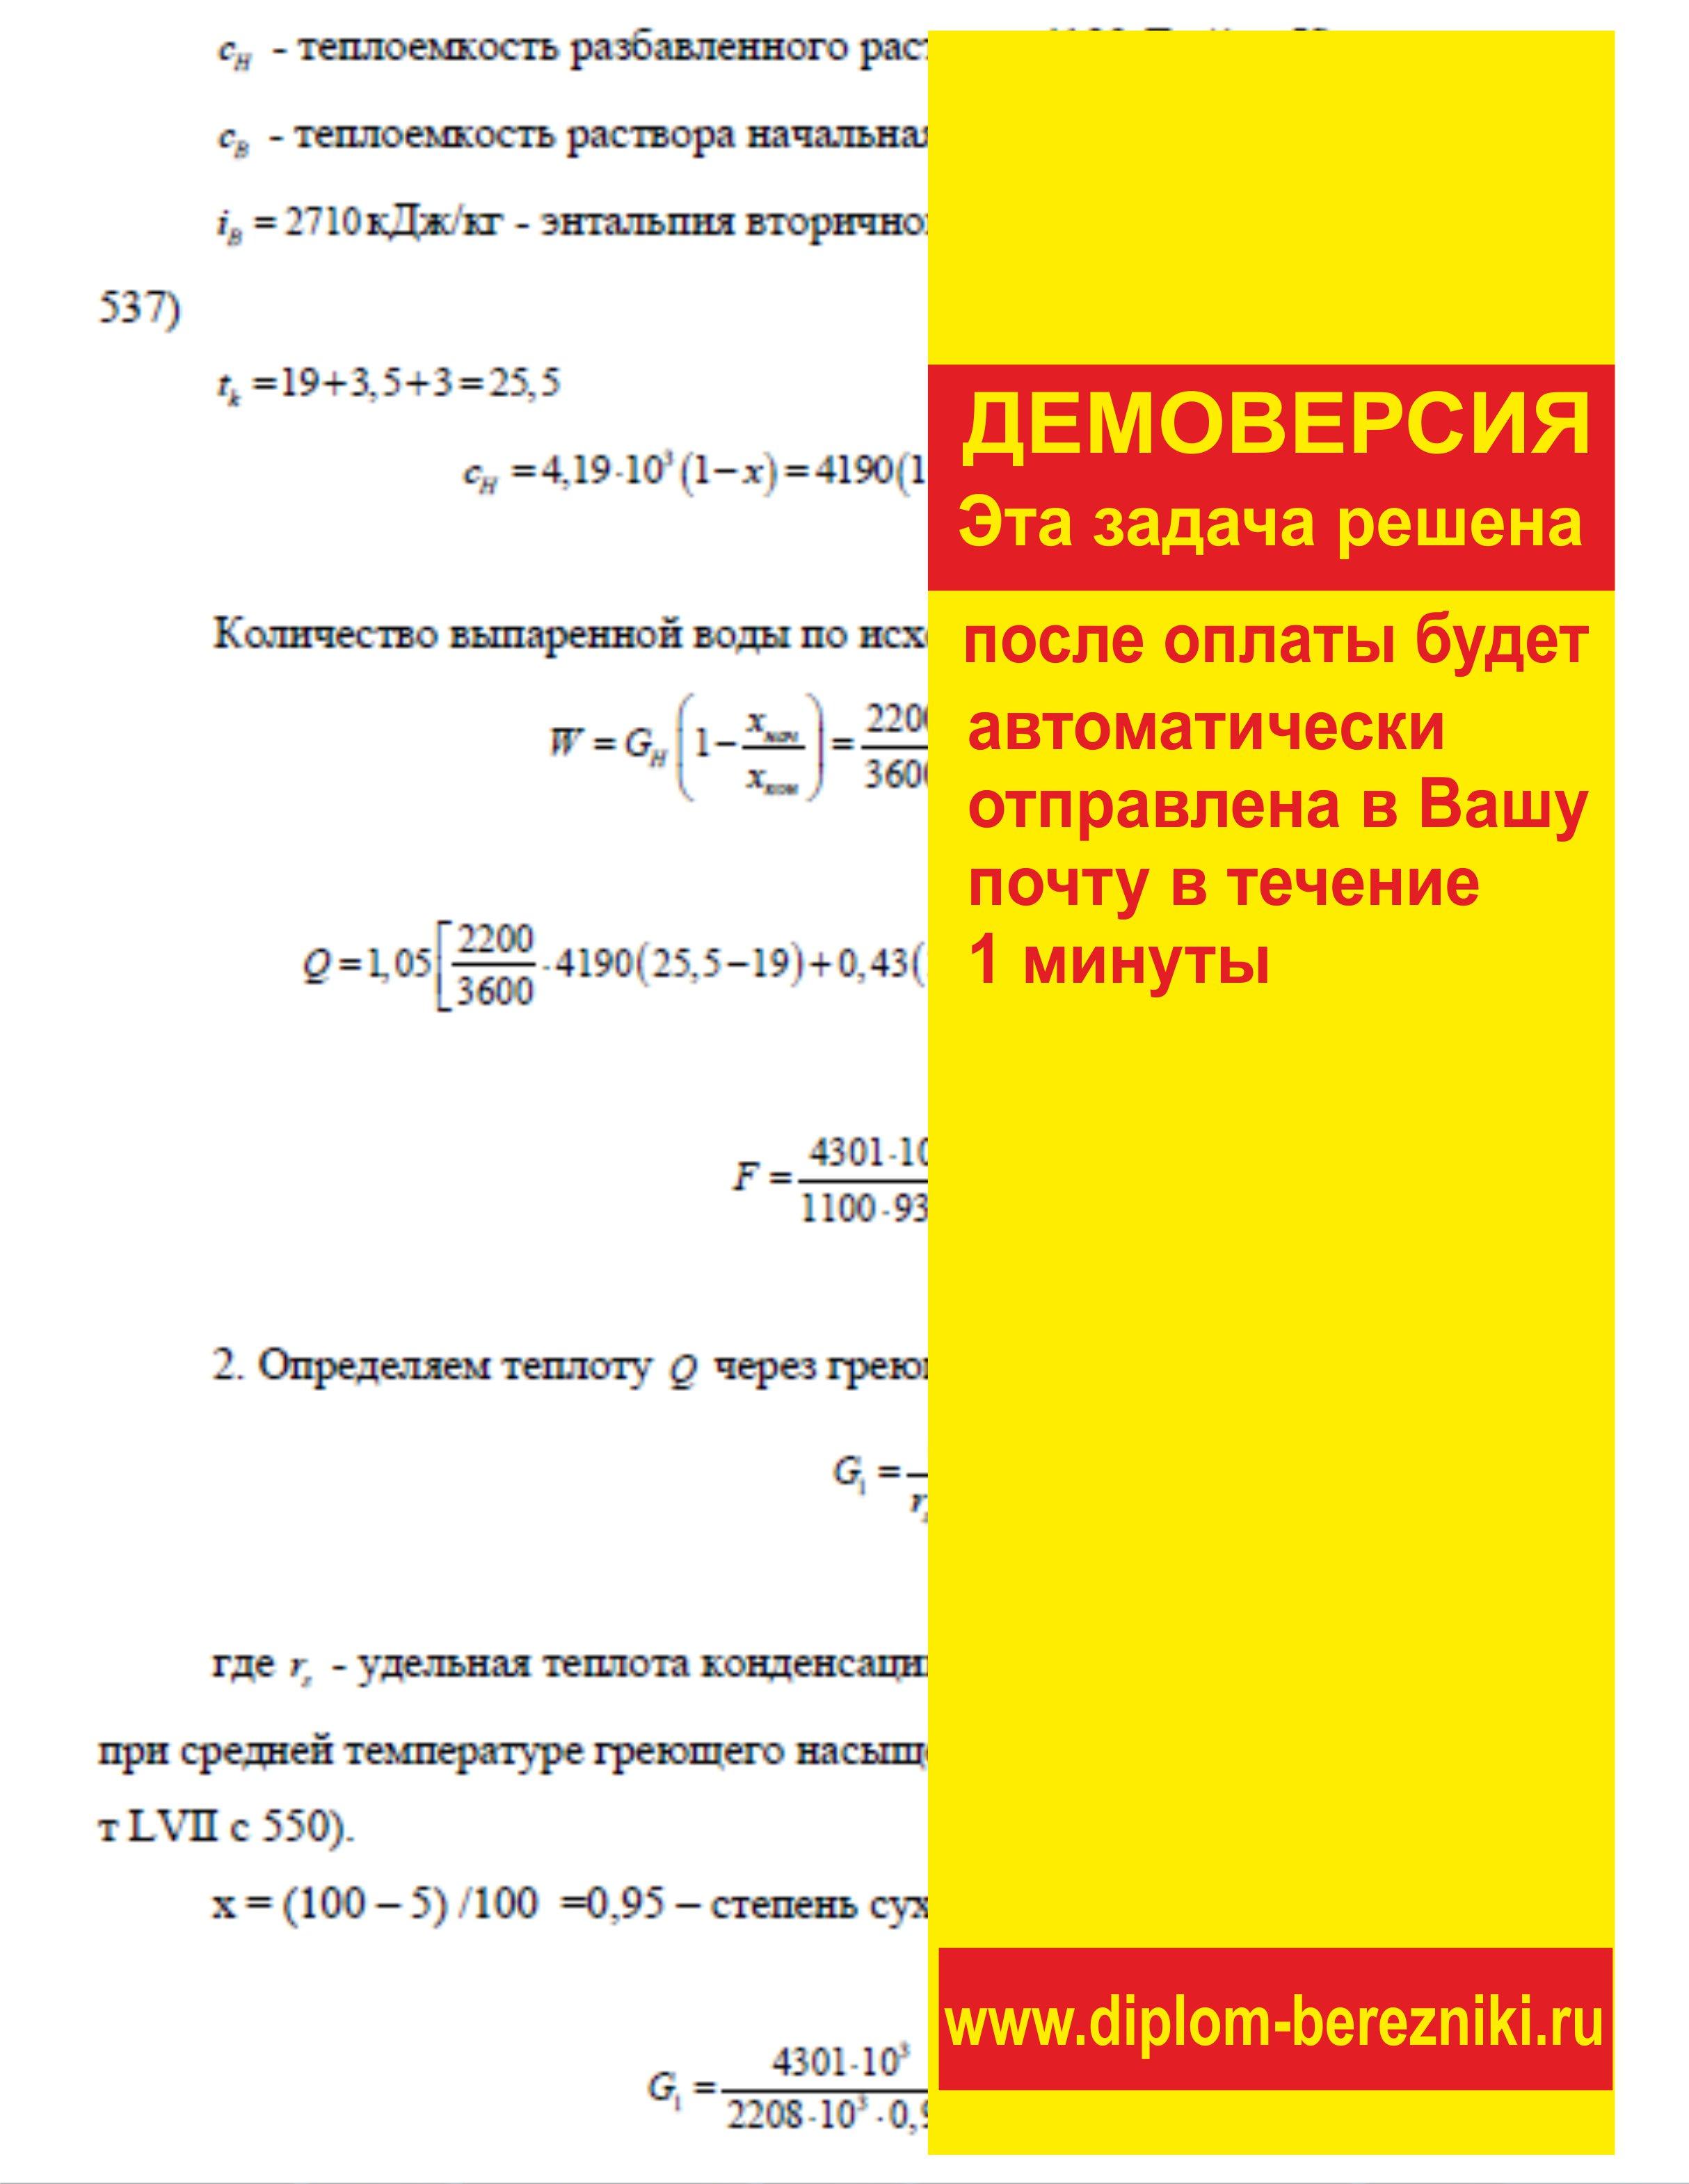 Решение задачи 5.21 по ПАХТ из задачника Павлова Романкова Носкова